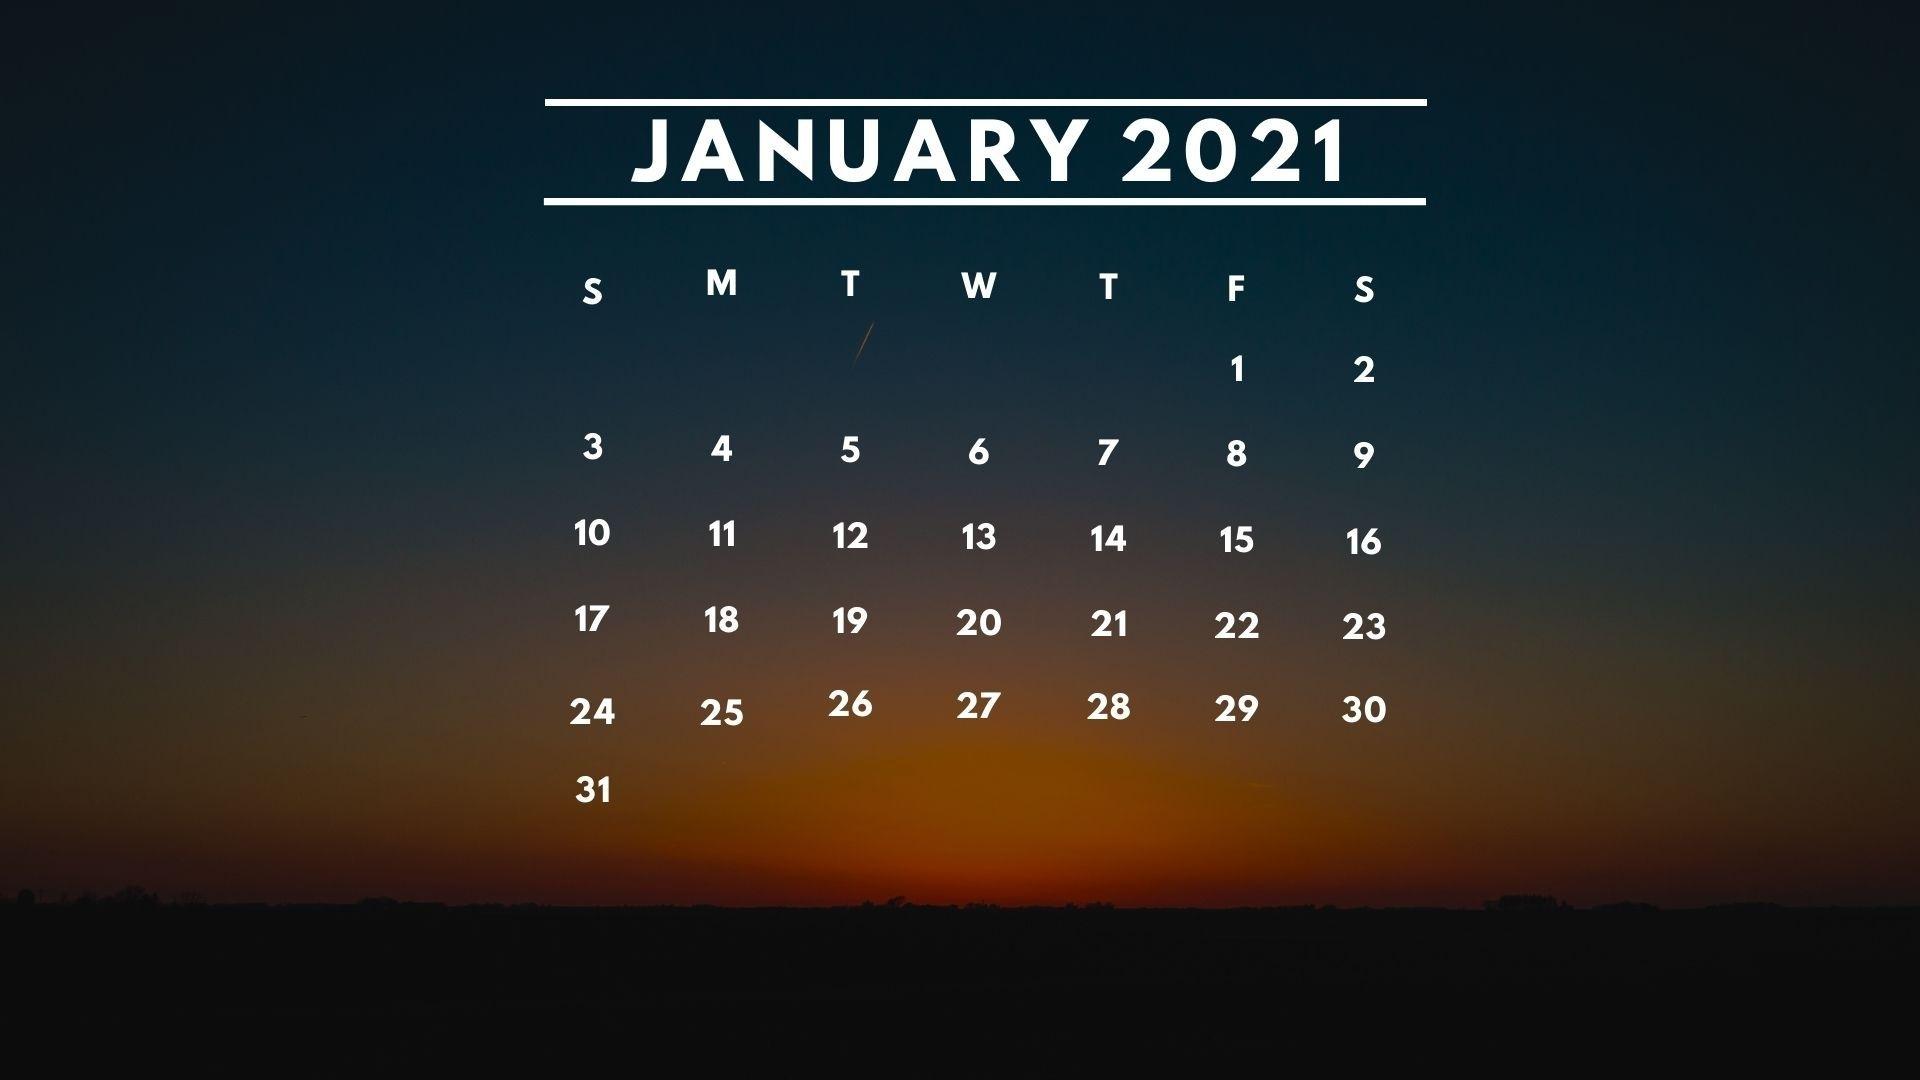 Take Religious Calendar Screensavers Free 2021